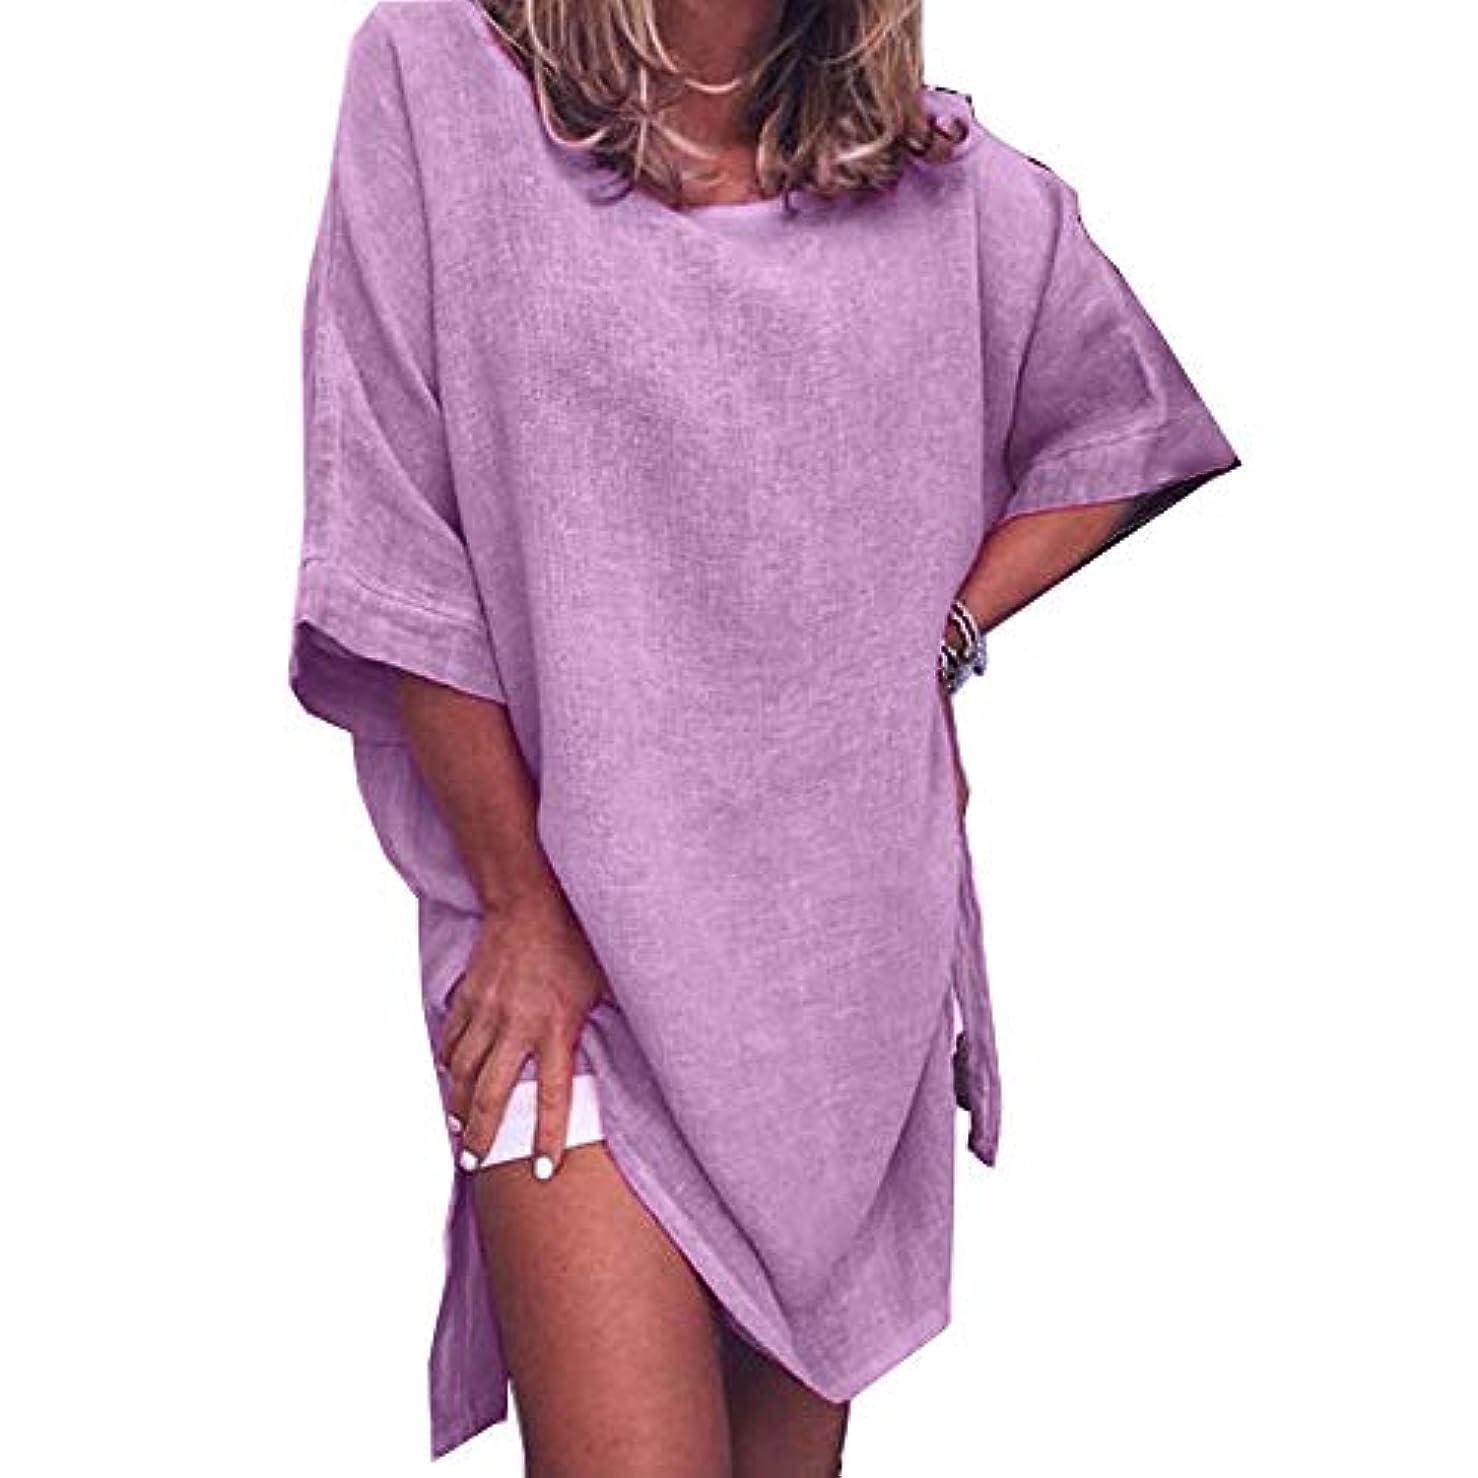 誠意レギュラー支援MIFAN サマードレス、ビーチドレス、ルーズドレス、プラスサイズ、リネンドレス、トップス&ブラウス、女性ドレス、カジュアルドレス